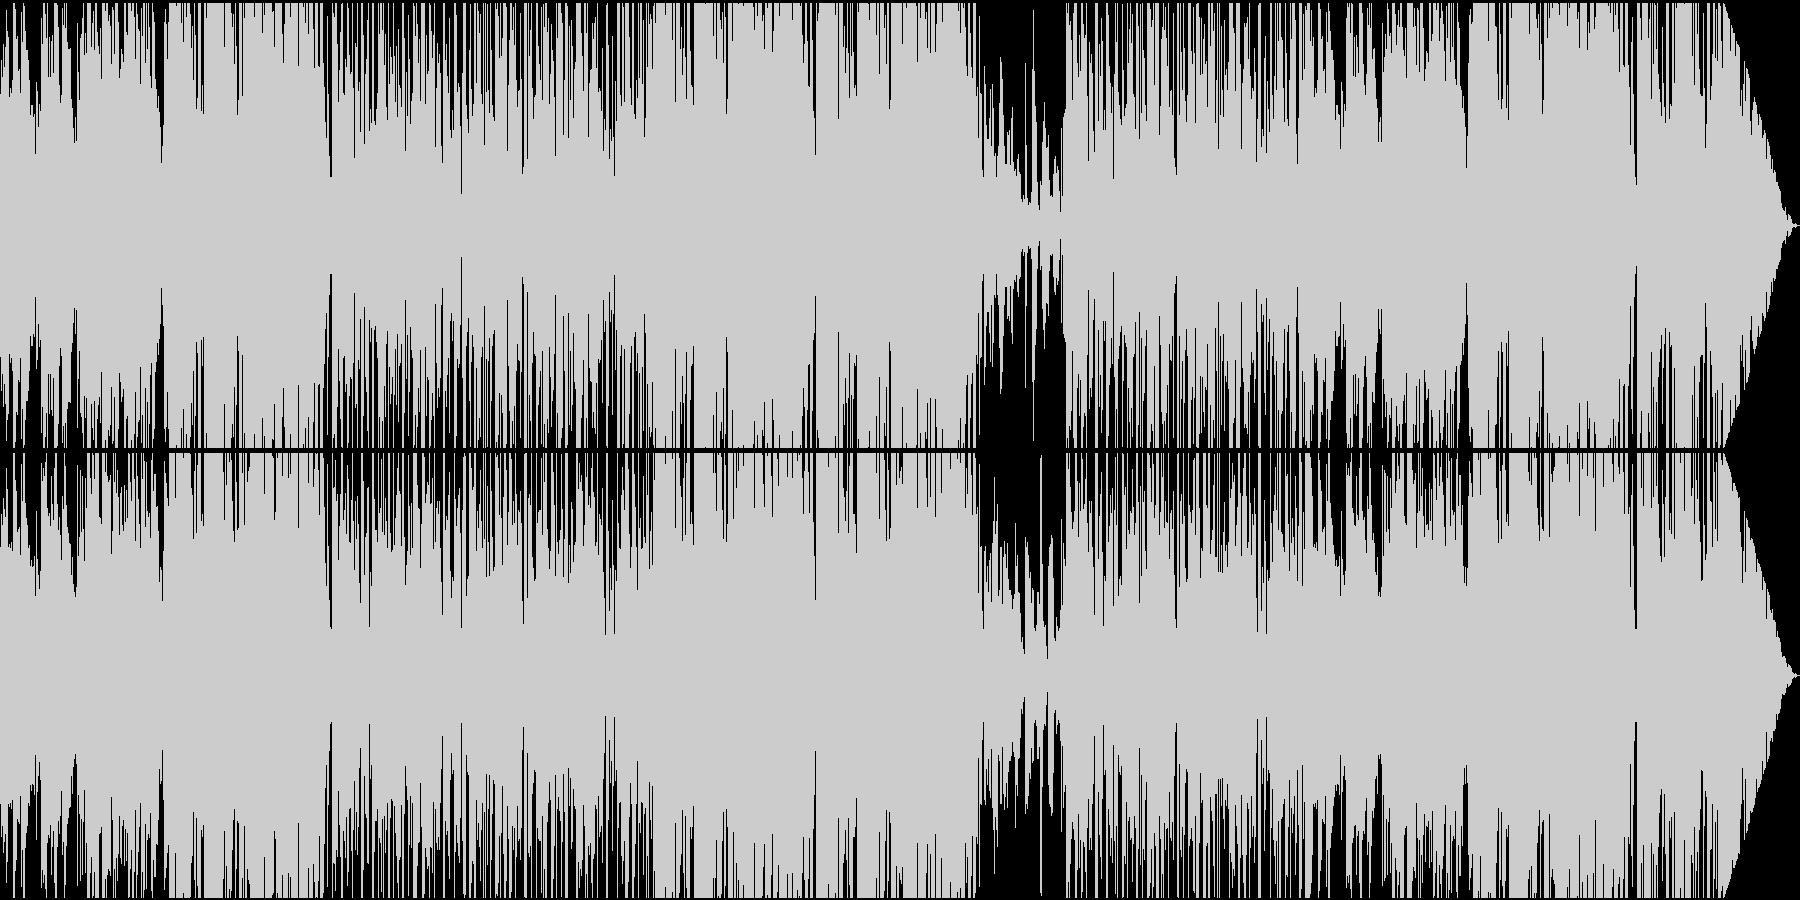 フュージョン系イージーリスニング/ギターの未再生の波形